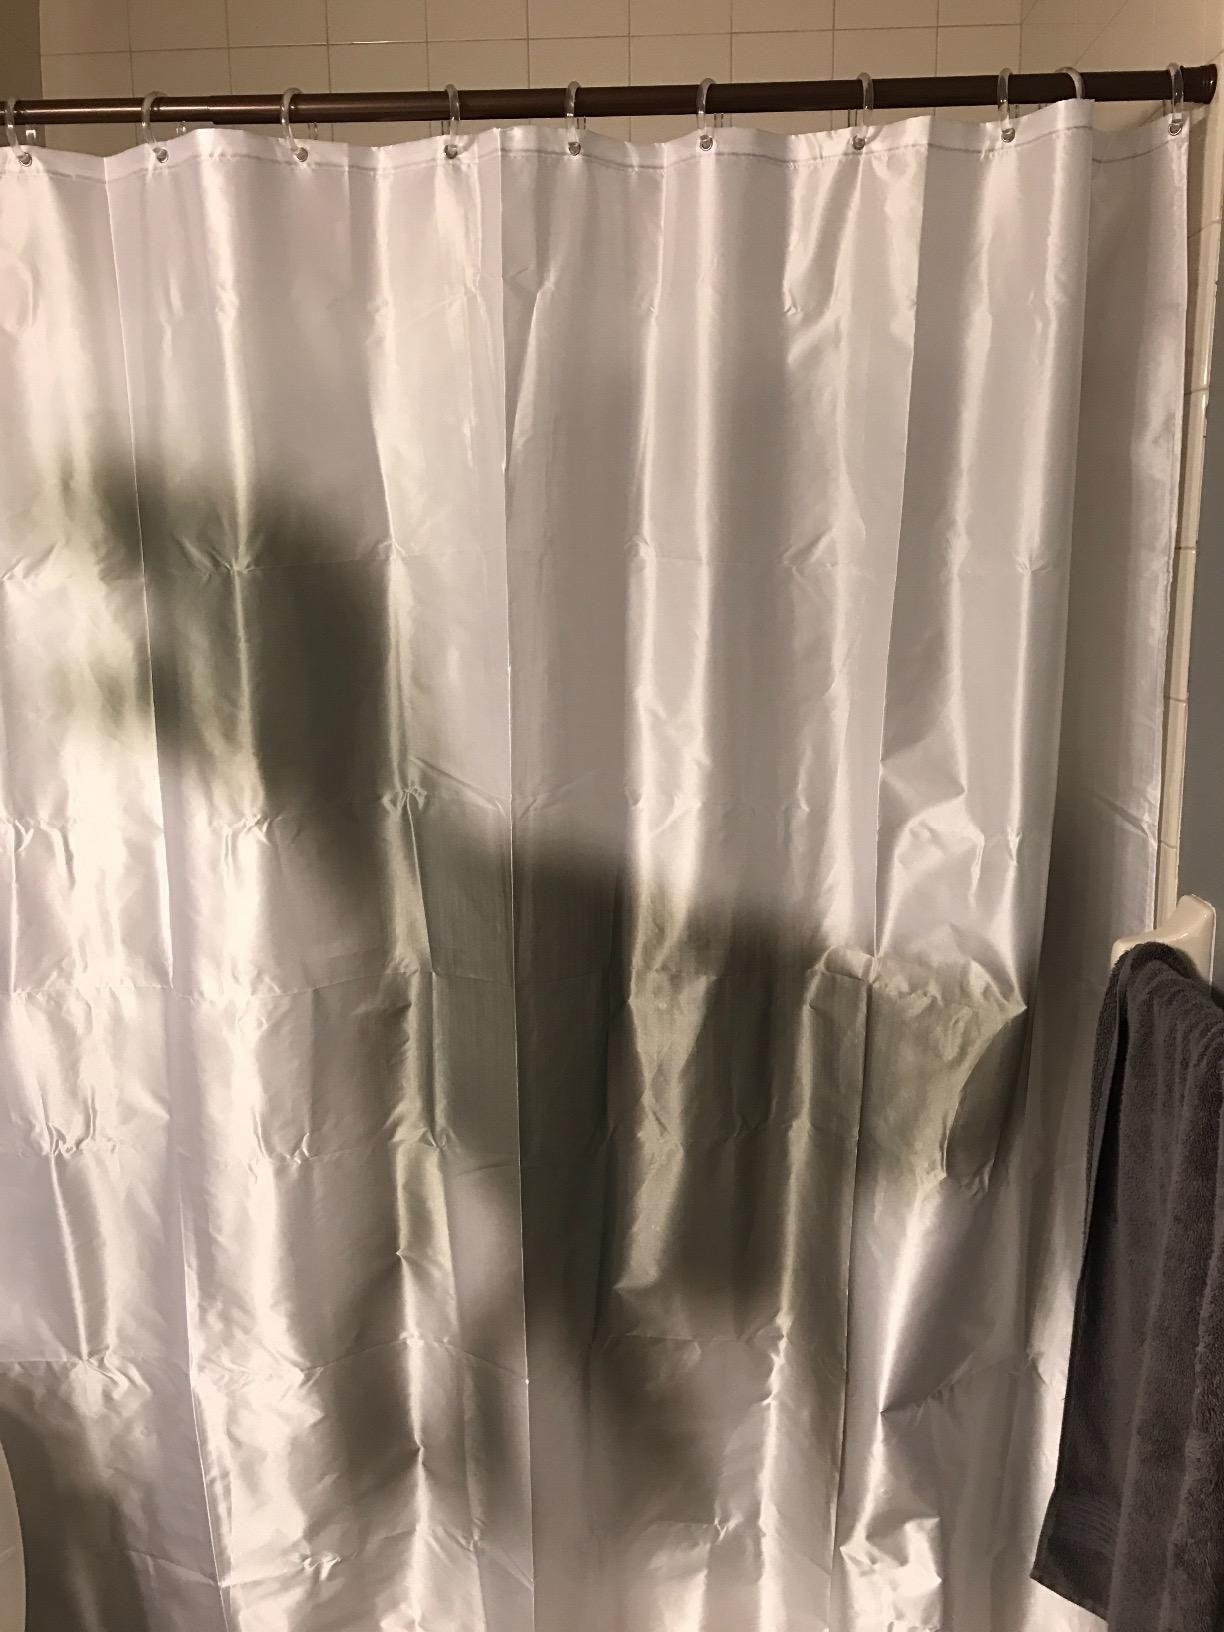 Amazonsmile Angelly Dinosaur Velociraptor Silhouette Shower Curtain Home Kitchen Shower Curtain Curtains Shower